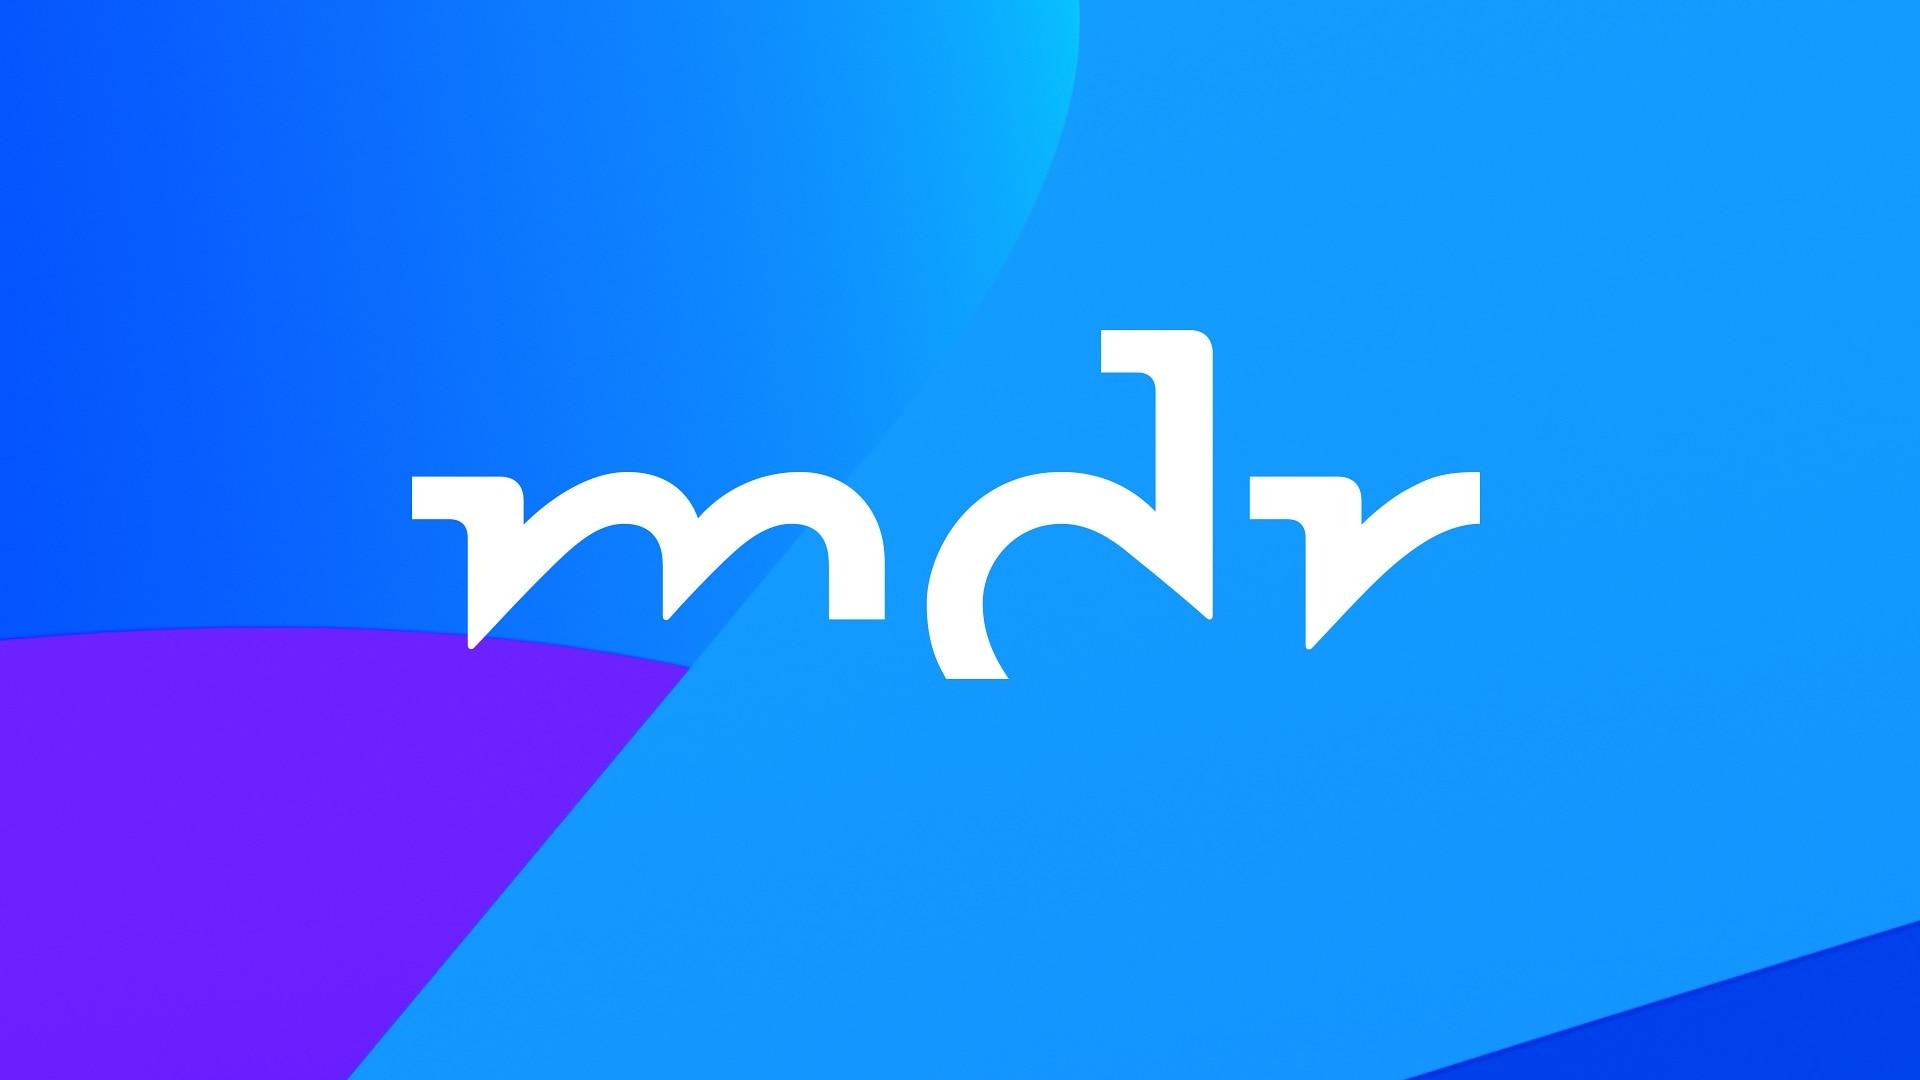 Mdr Live Sport